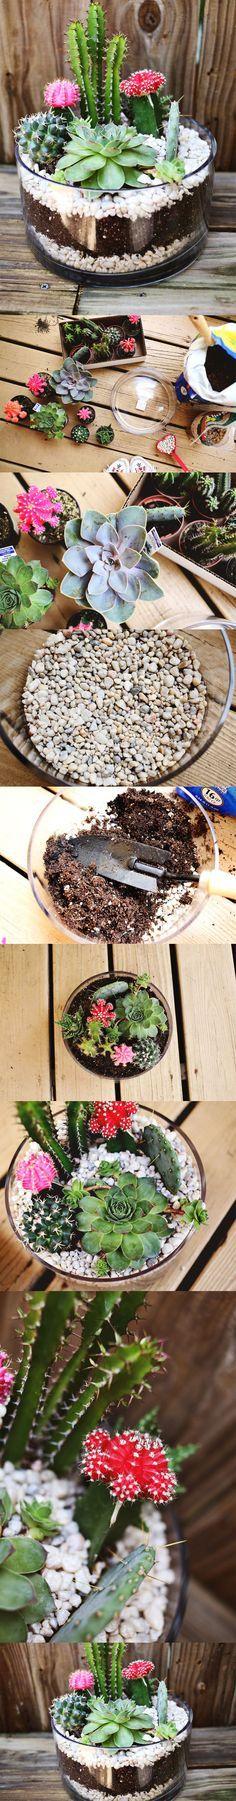 terrarium! cacti terrarium, succulent container garden, succulents, DIY terrarium